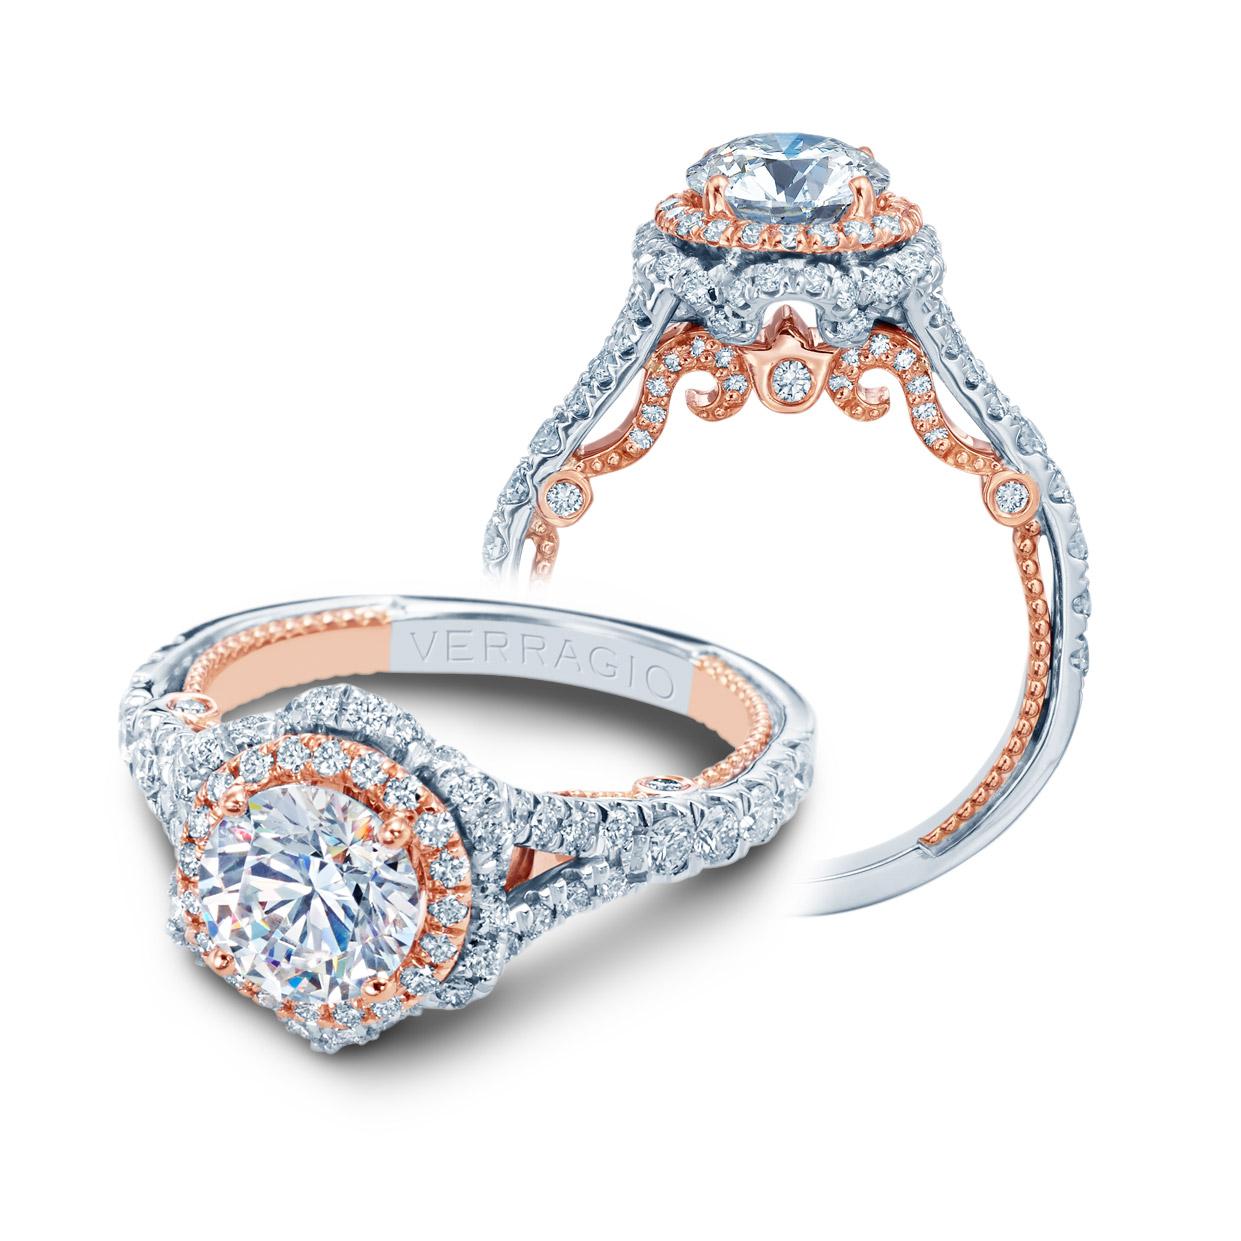 Verragio Insignia 7088r 2wr Platinum Engagement Ring Tq